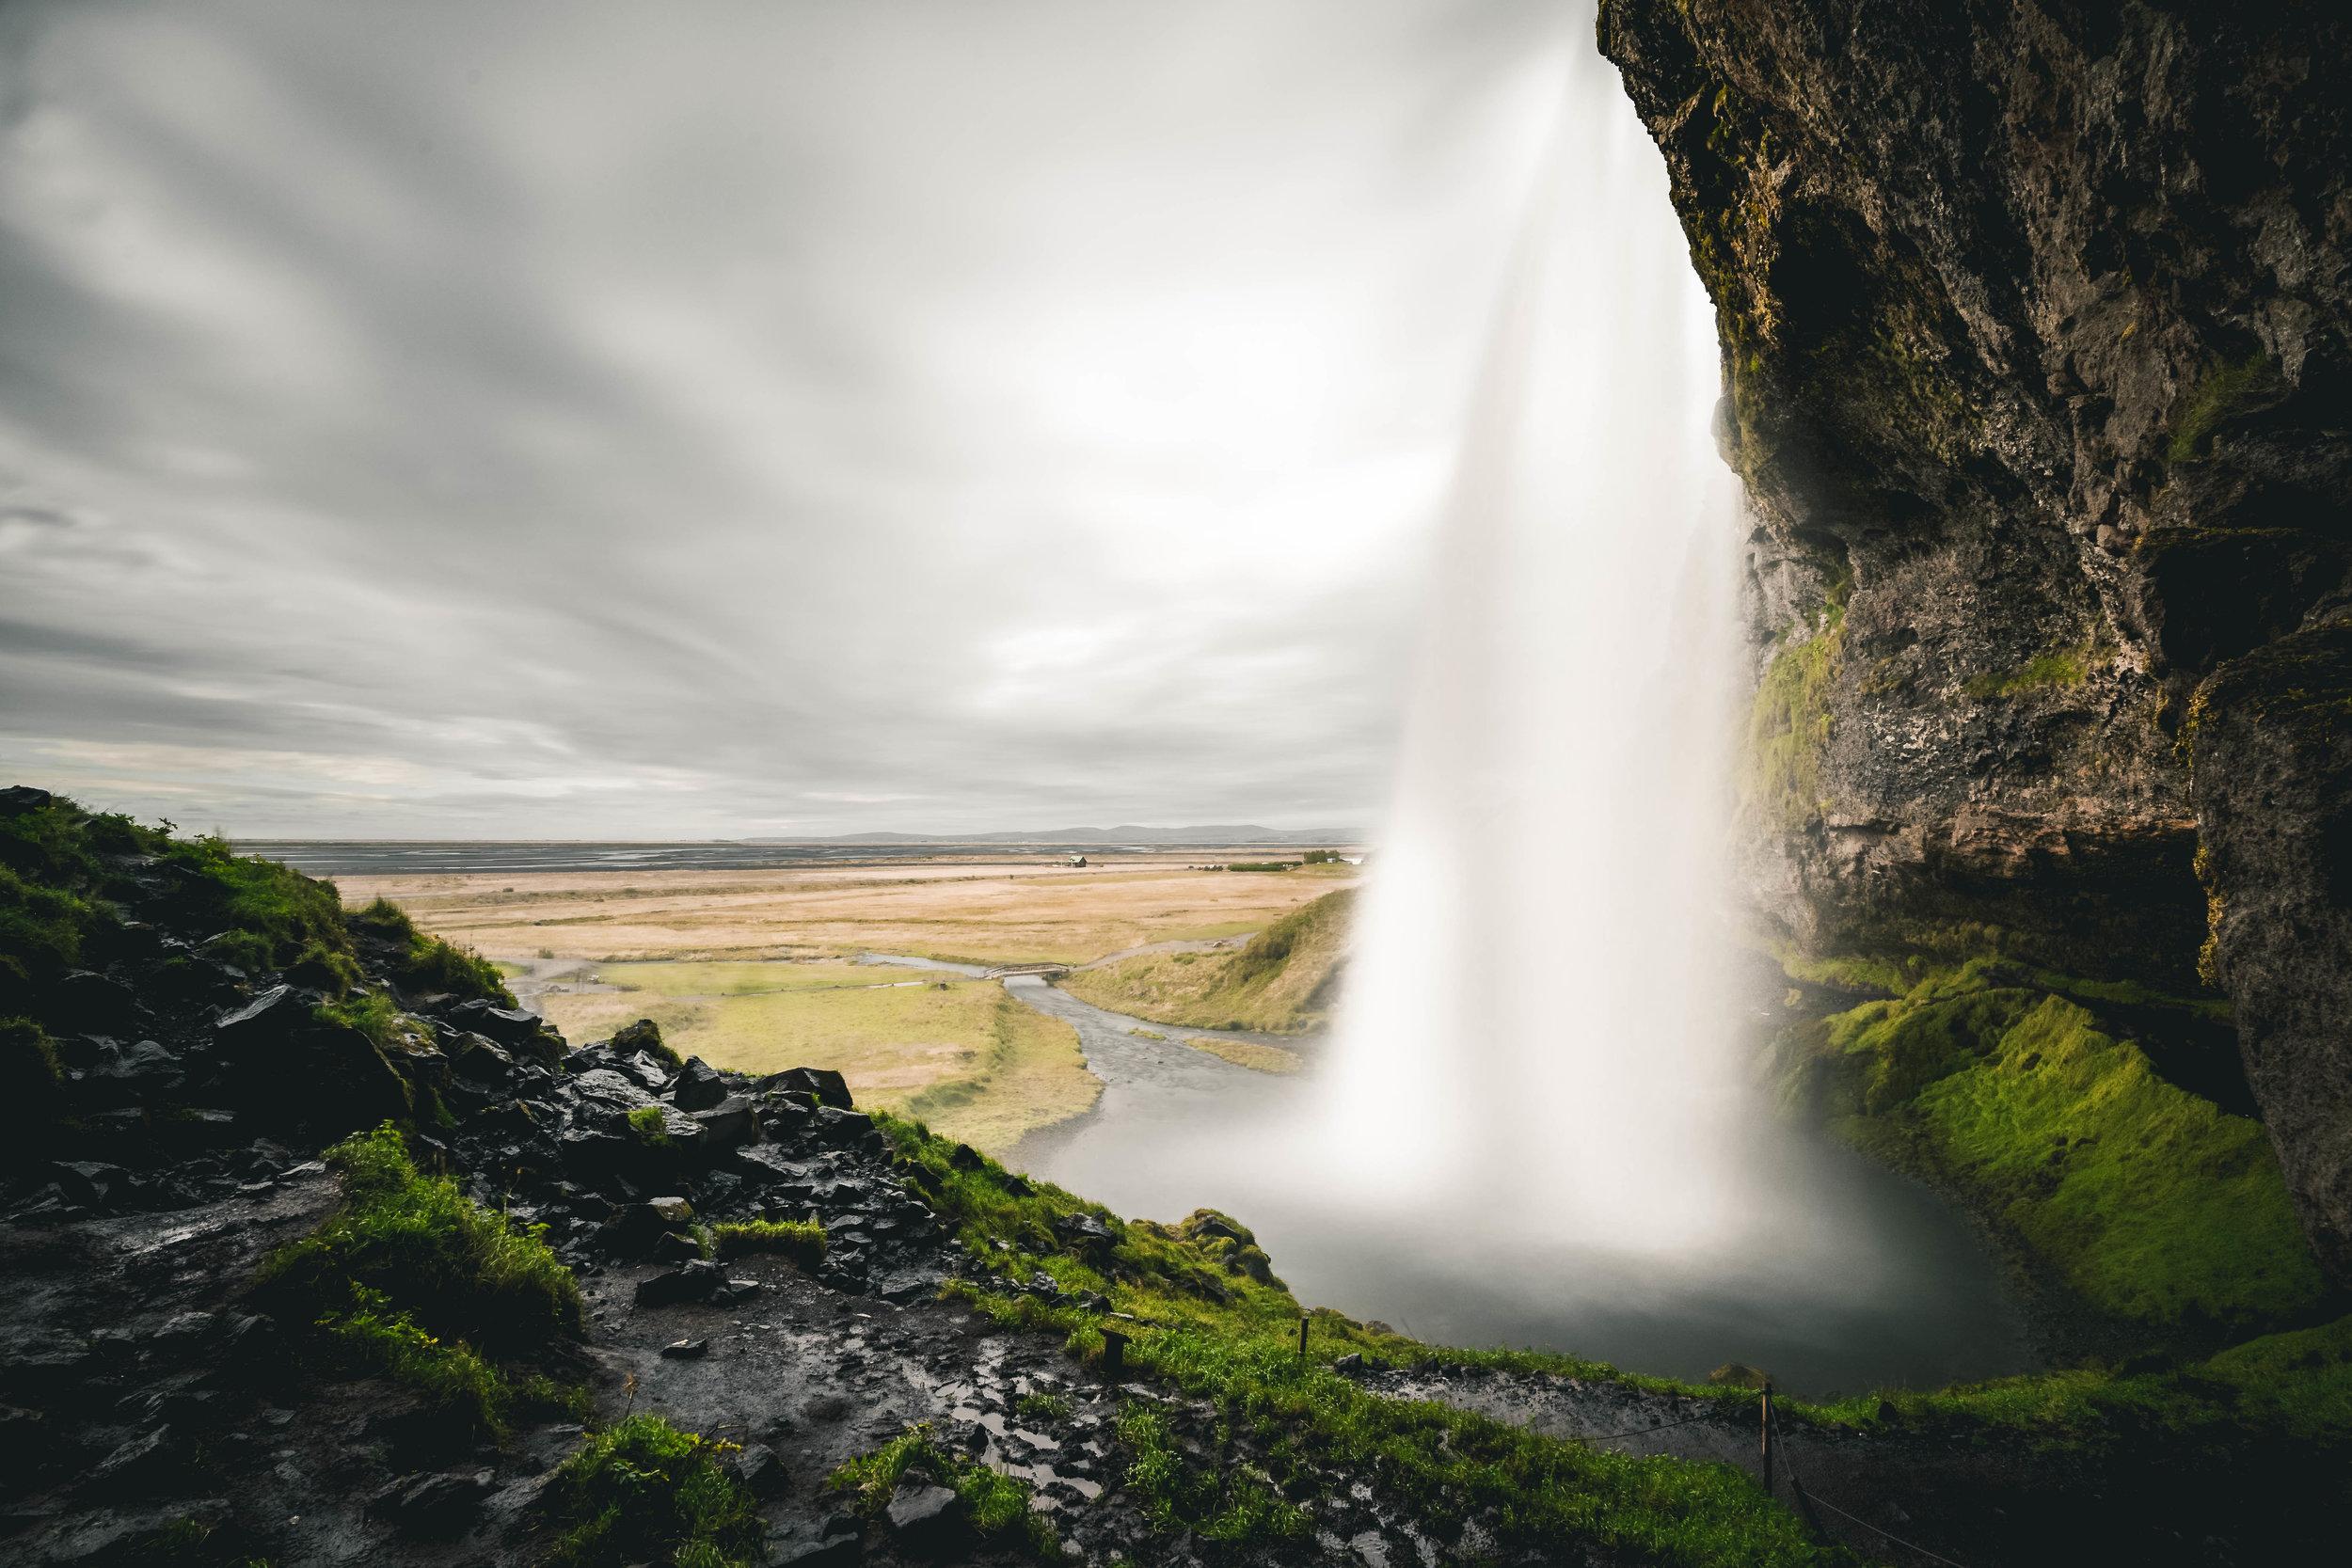 Iceland - 00459_ME - Chris Goetchius 2017.jpg